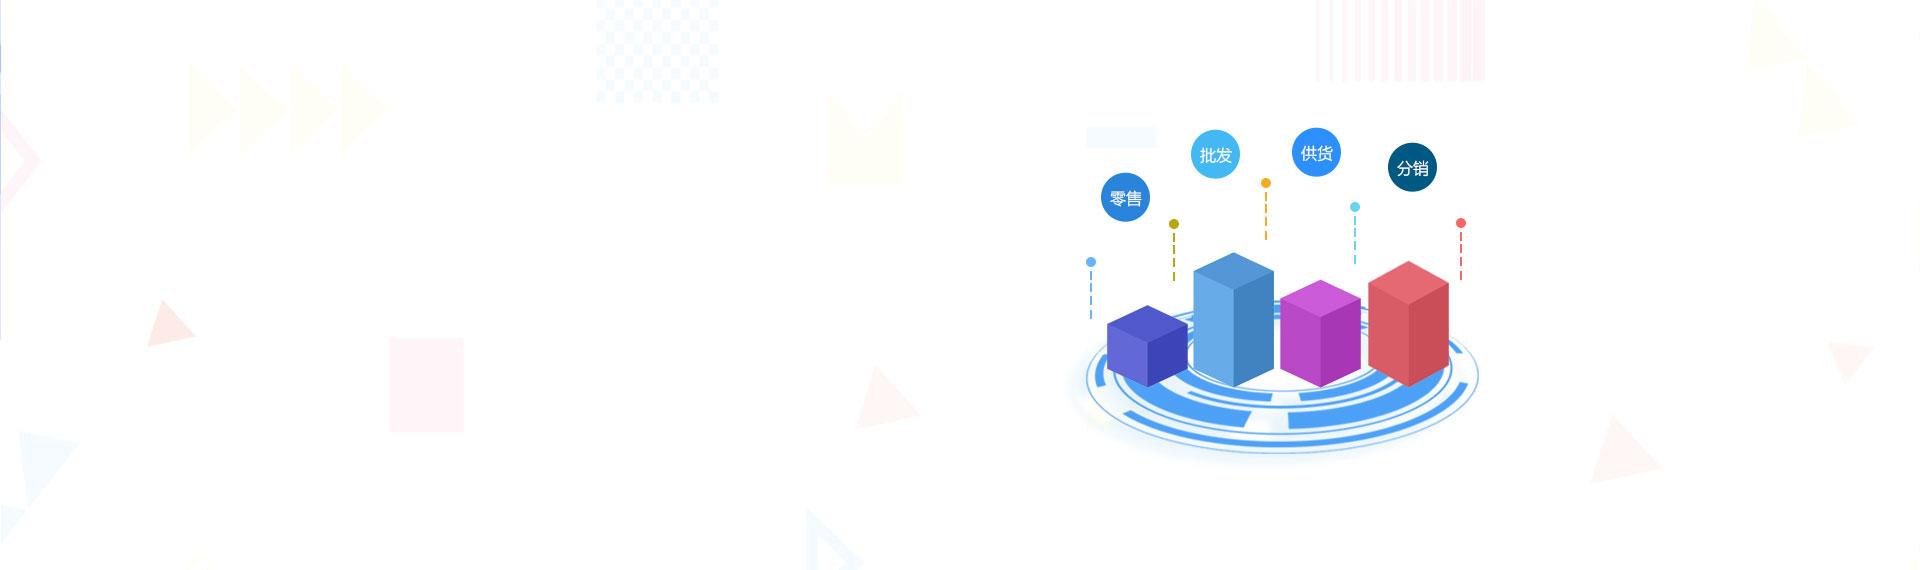 多用户商城(B2B2C)